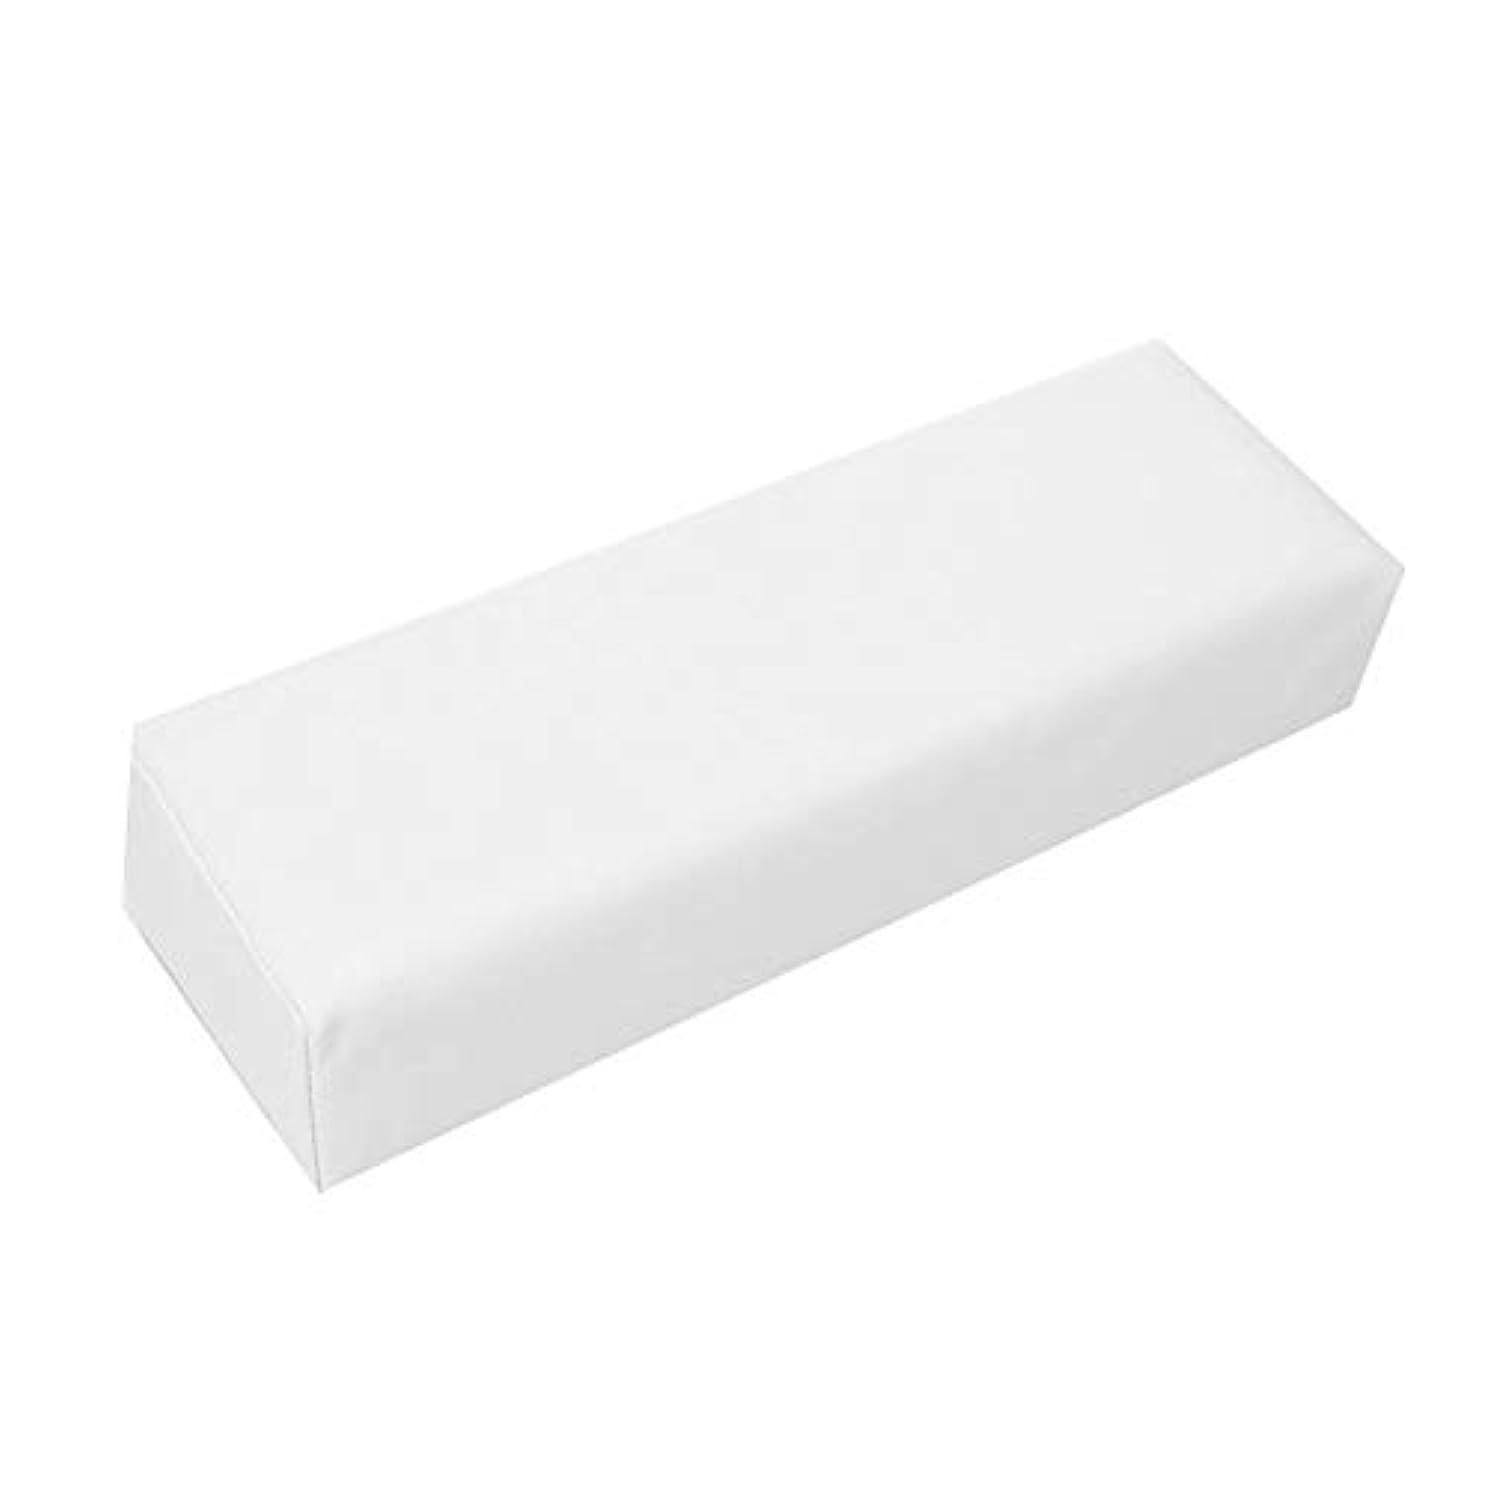 なんとなくカヌーソートネイルアートハンドピローサロンソフトハンドレストホルダー(白)